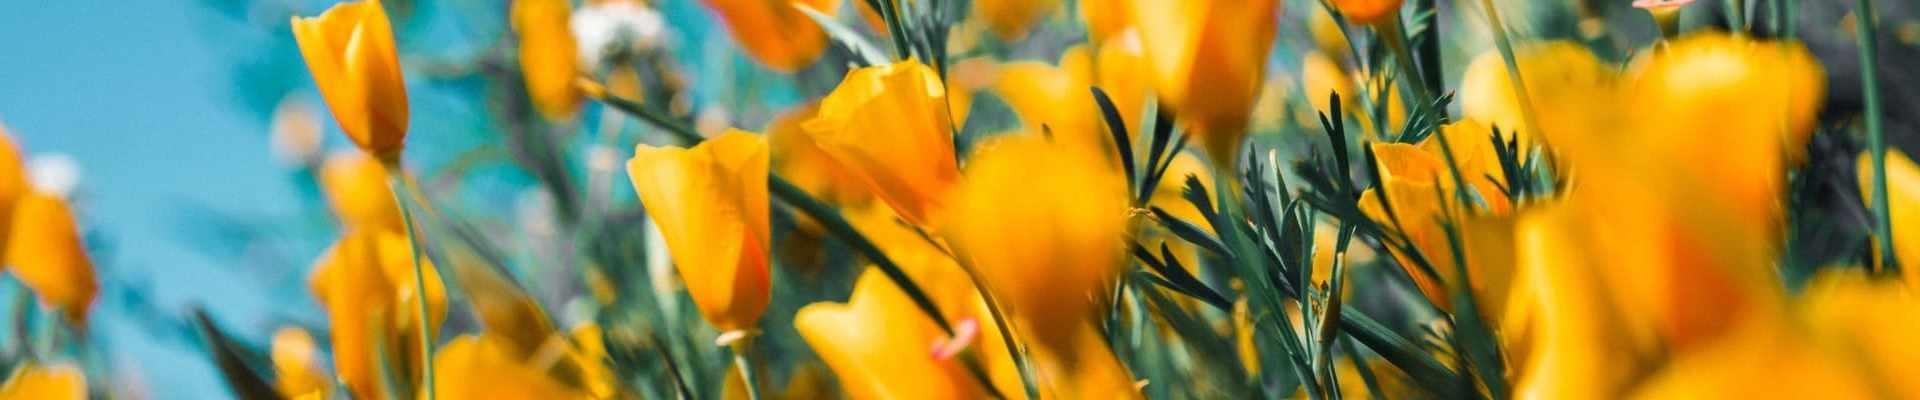 Quieres enviar flores a domicilio te explicamos cómo - Glovo